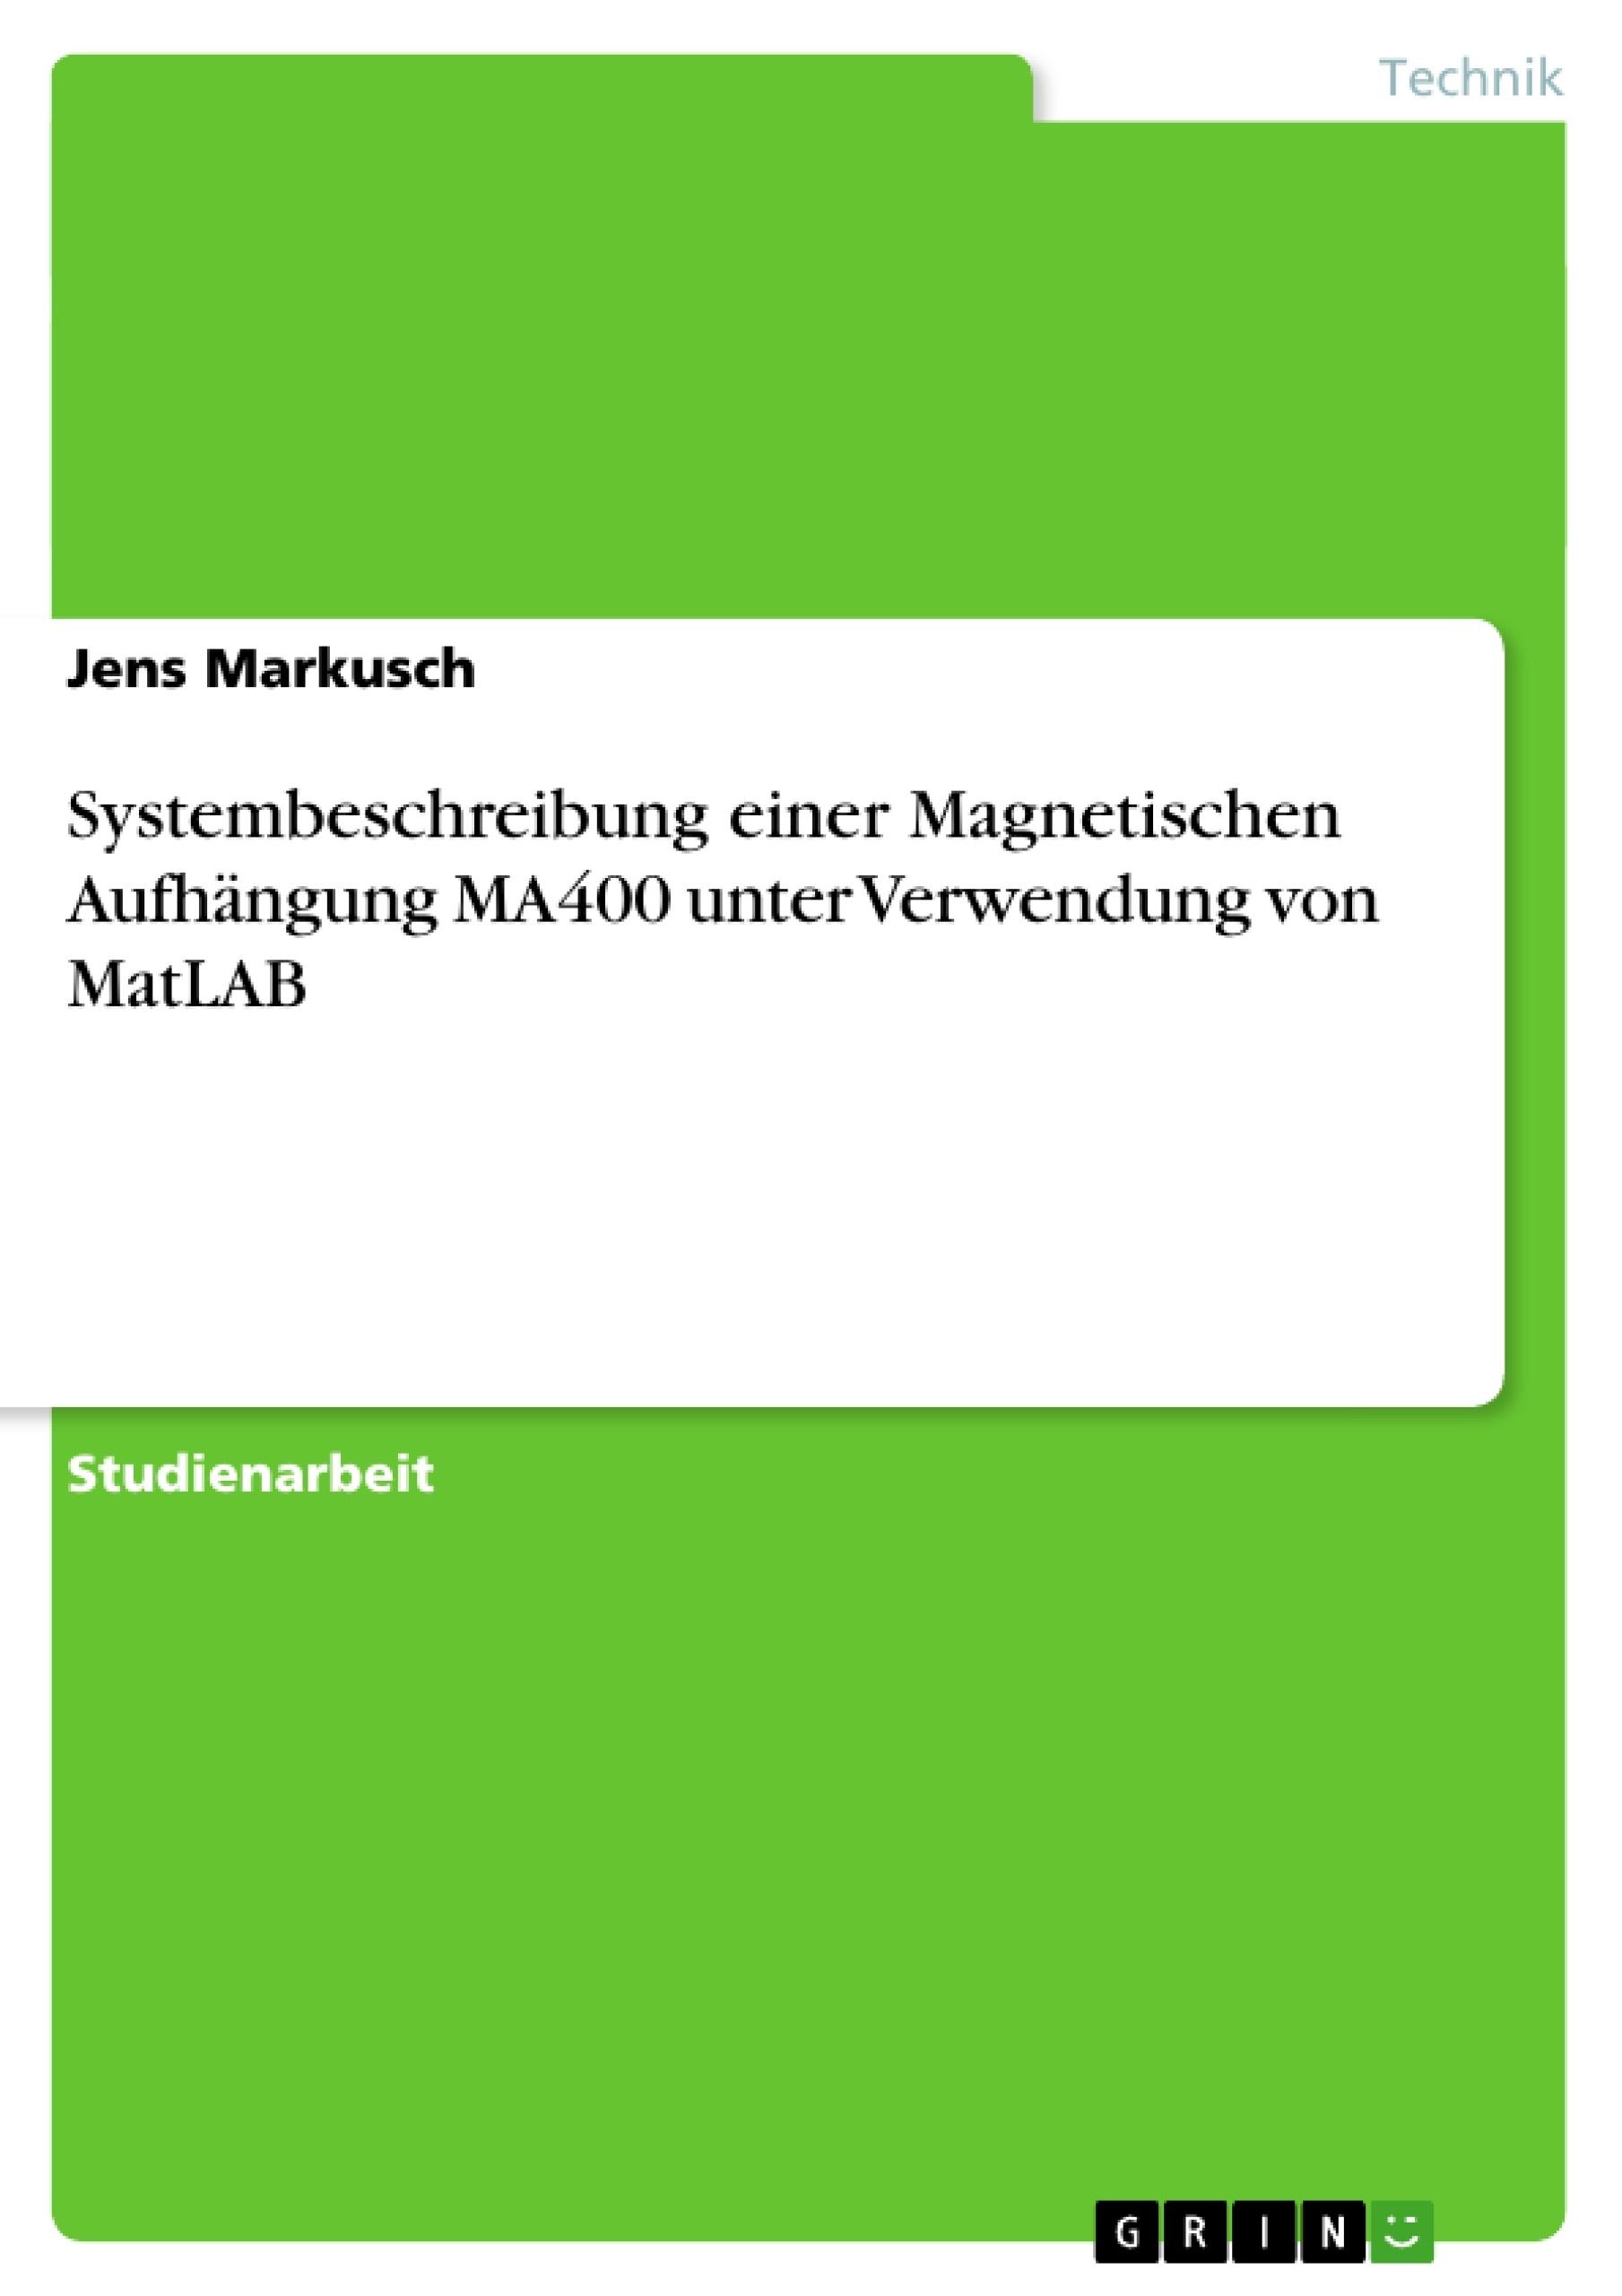 Titel: Systembeschreibung einer Magnetischen Aufhängung MA400 unter Verwendung von MatLAB